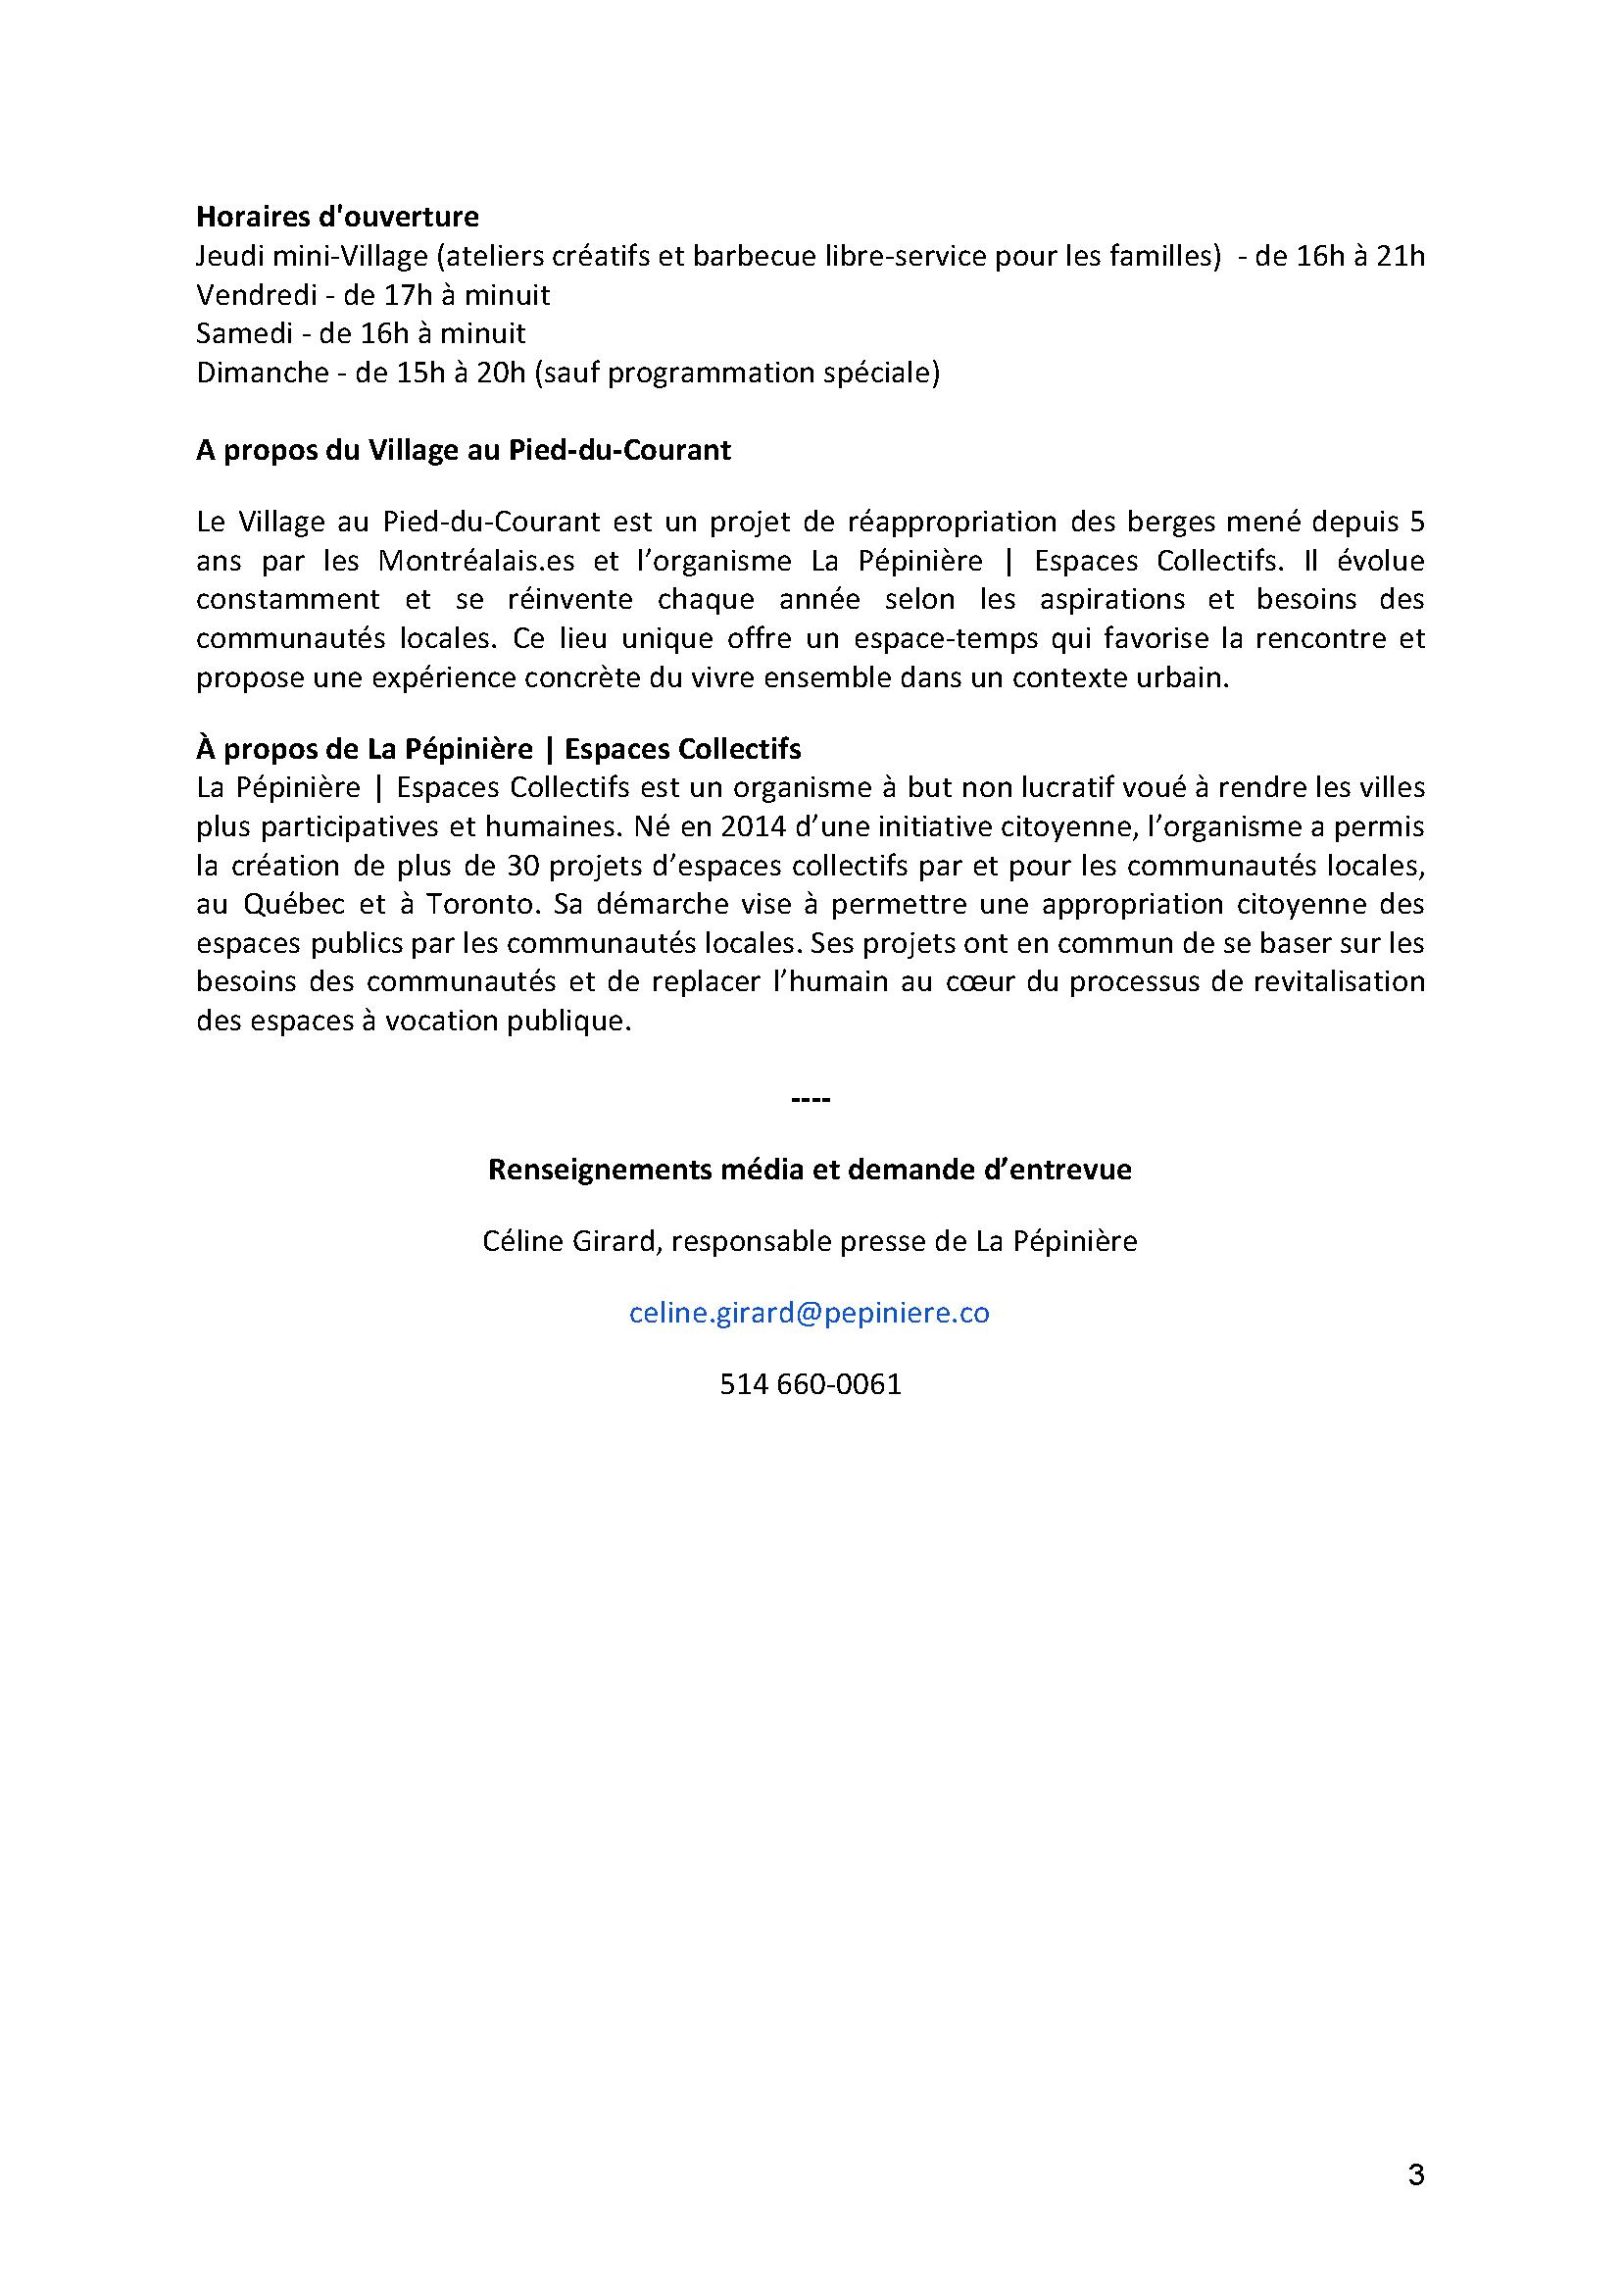 Communiqué ouverture VPDC 2019_Page_3.png